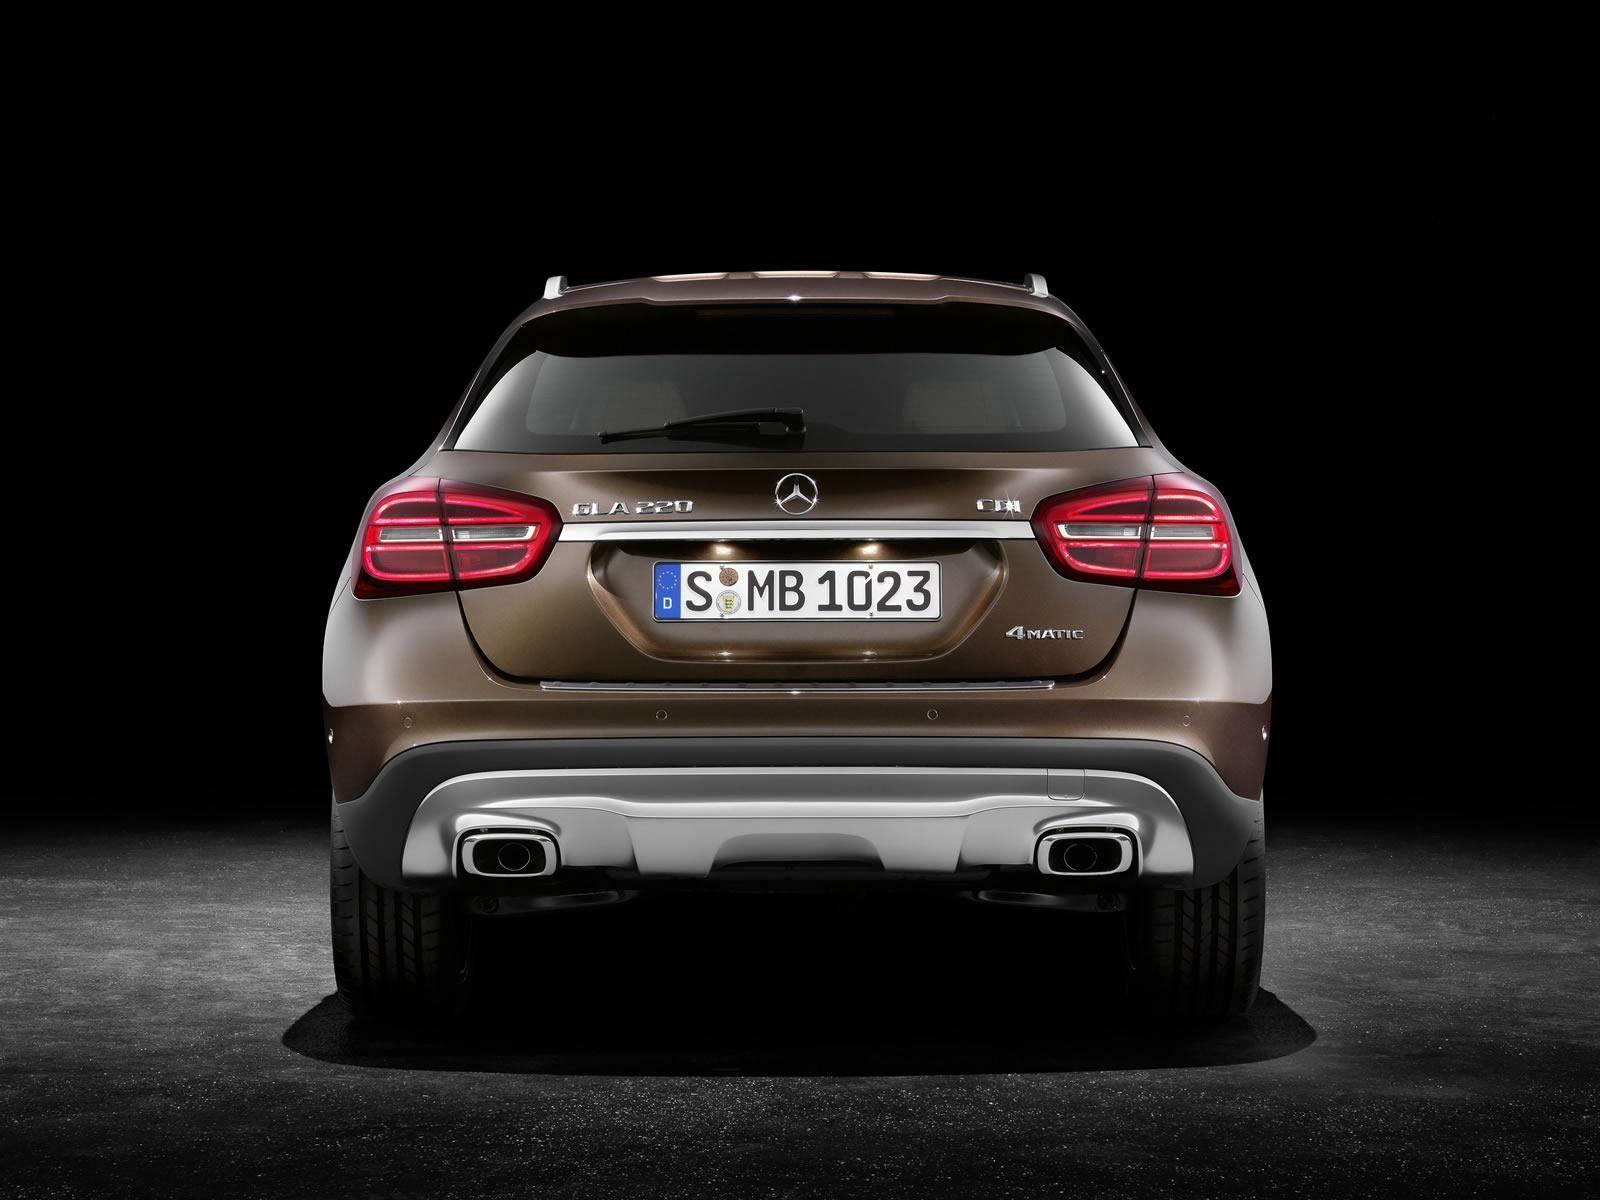 2014 Mercedes Benz Gla Edition Wallpaper Hd Car Wallpapers